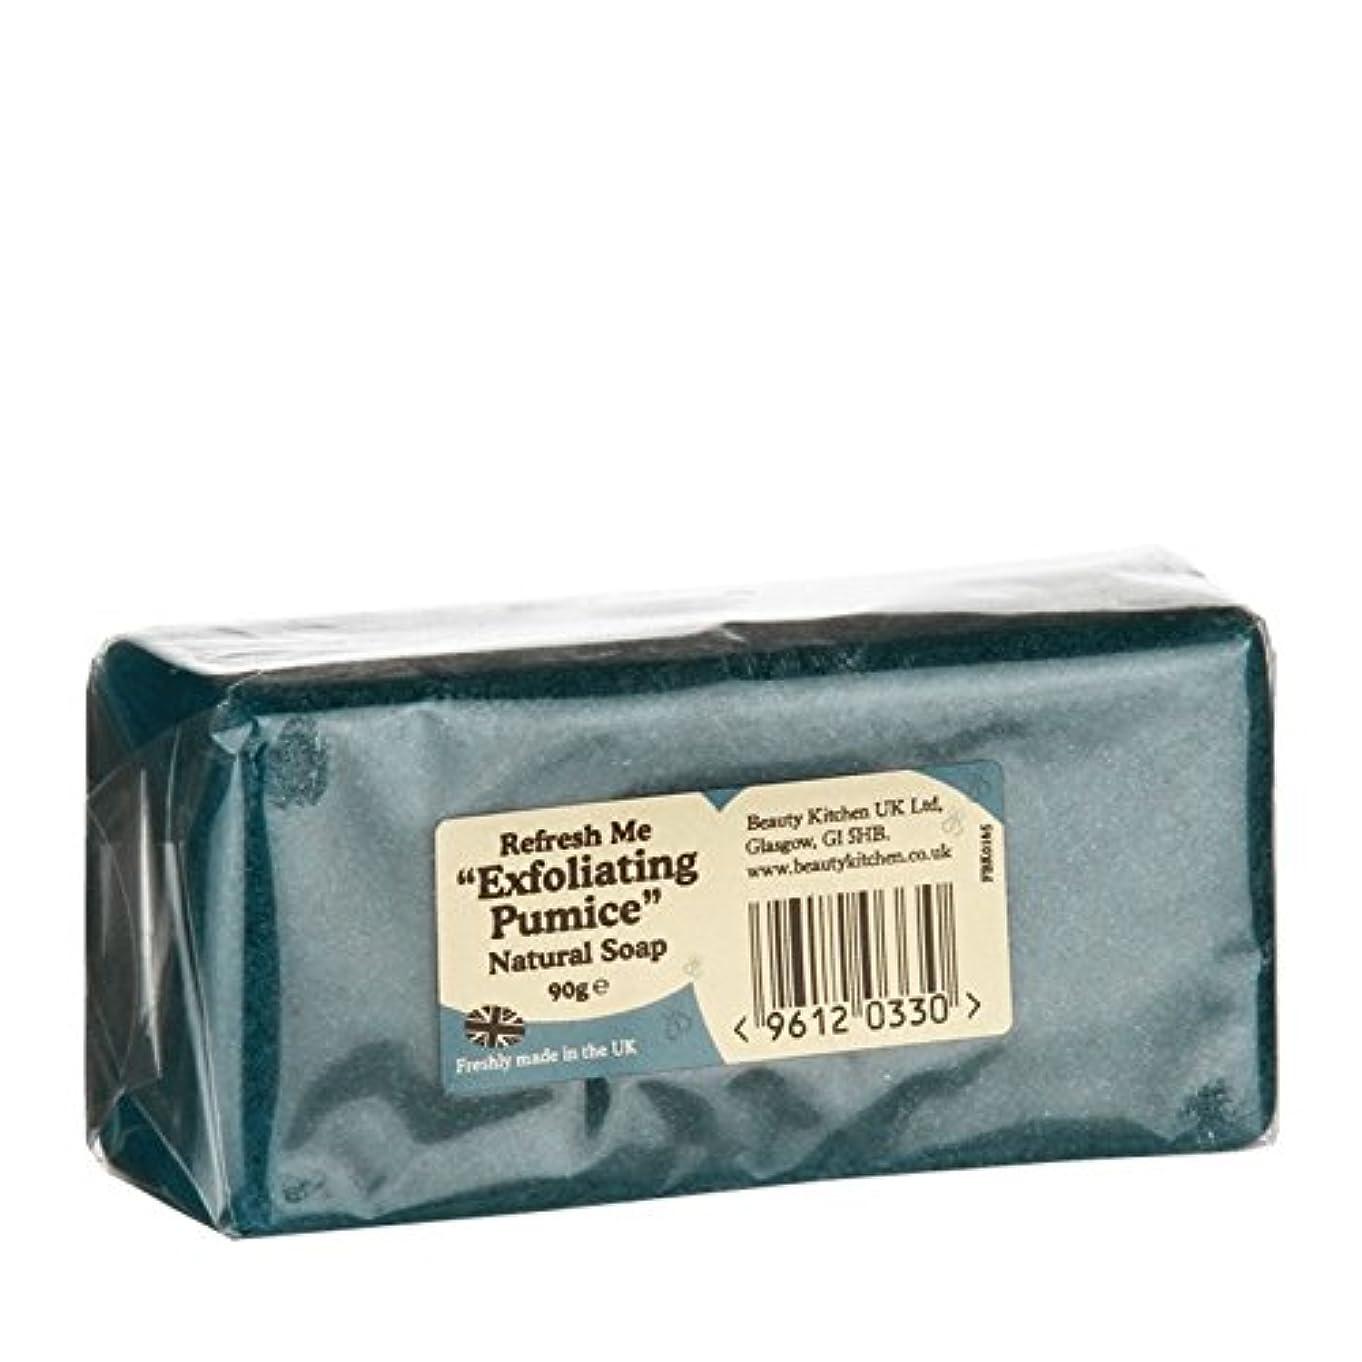 ボウリング葉巻品揃えBeauty Kitchen Refresh Me Exfoliating Pumice Natural Soap 90g (Pack of 6) - 美しさのキッチンは、軽石の天然石鹸90グラムを剥離私をリフレッシュ (x6) [並行輸入品]